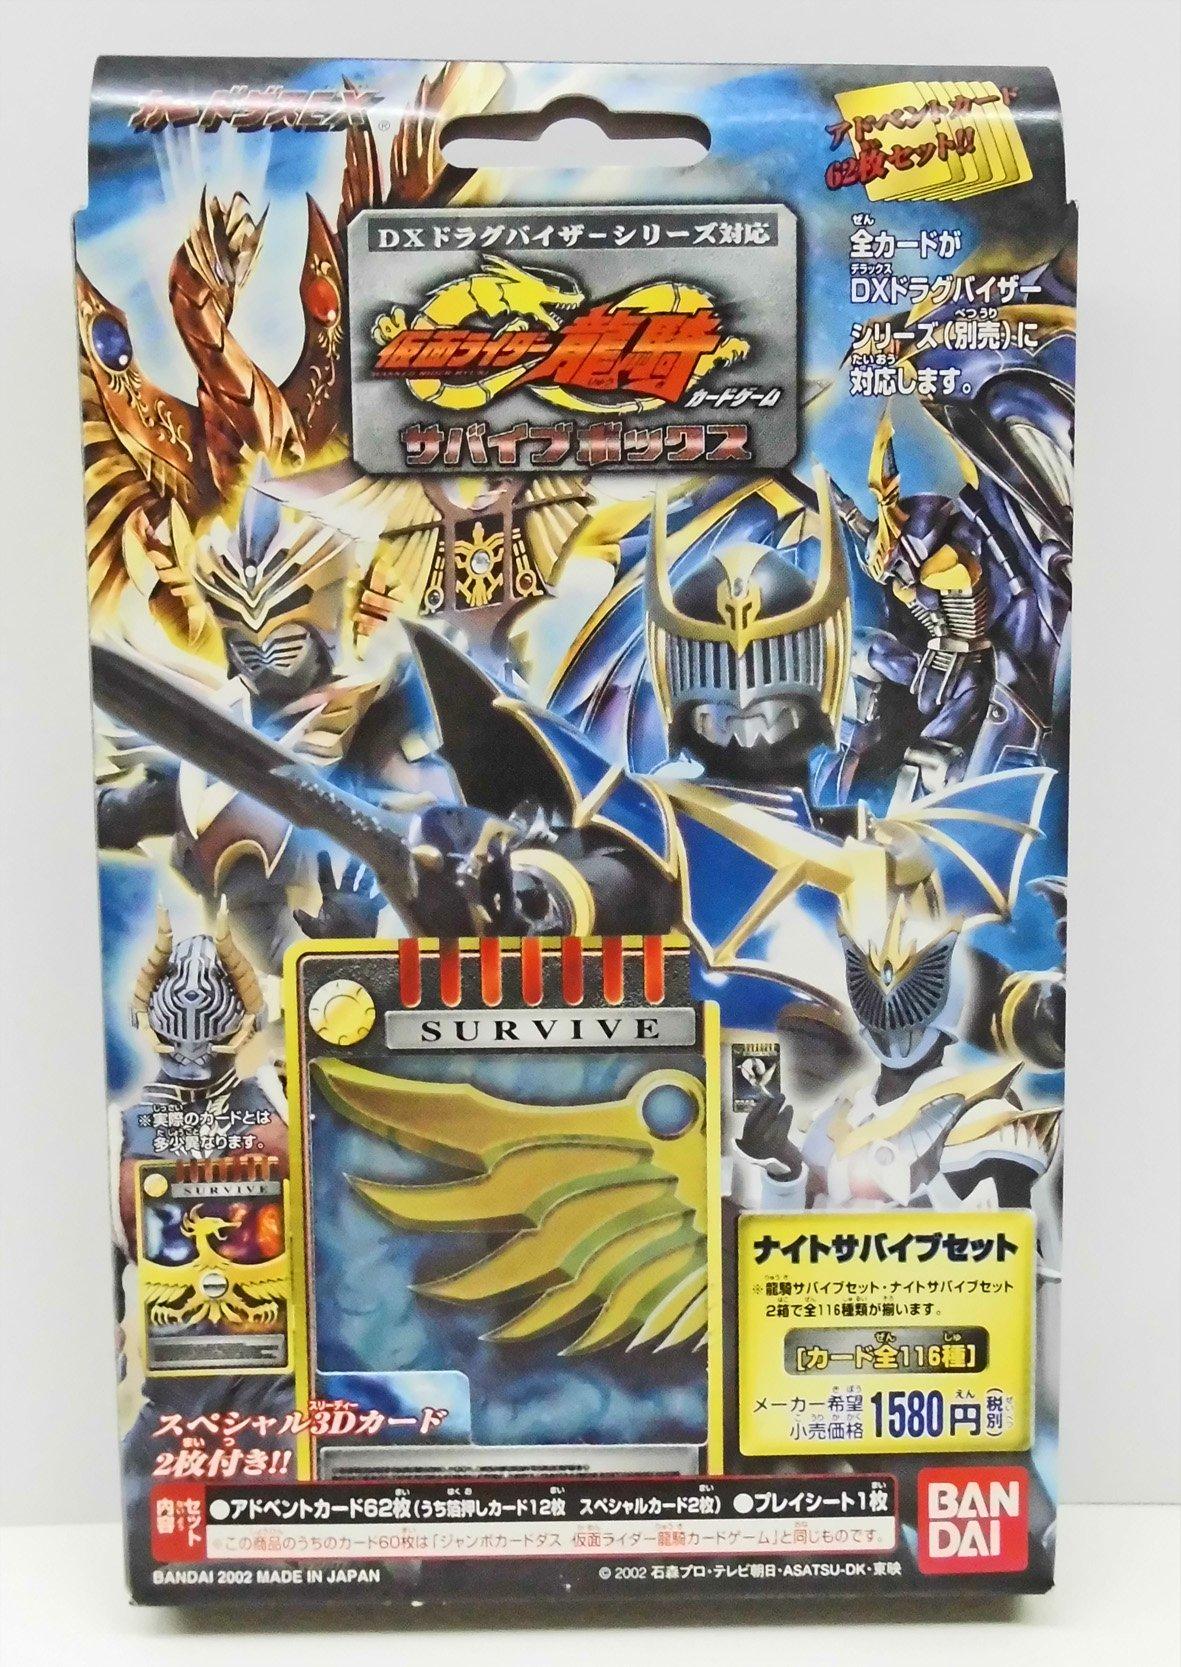 BANDAI Kamen Rider Ryuki Survive Card Game Box Set Night Survive by: Amazon.es: Juguetes y juegos